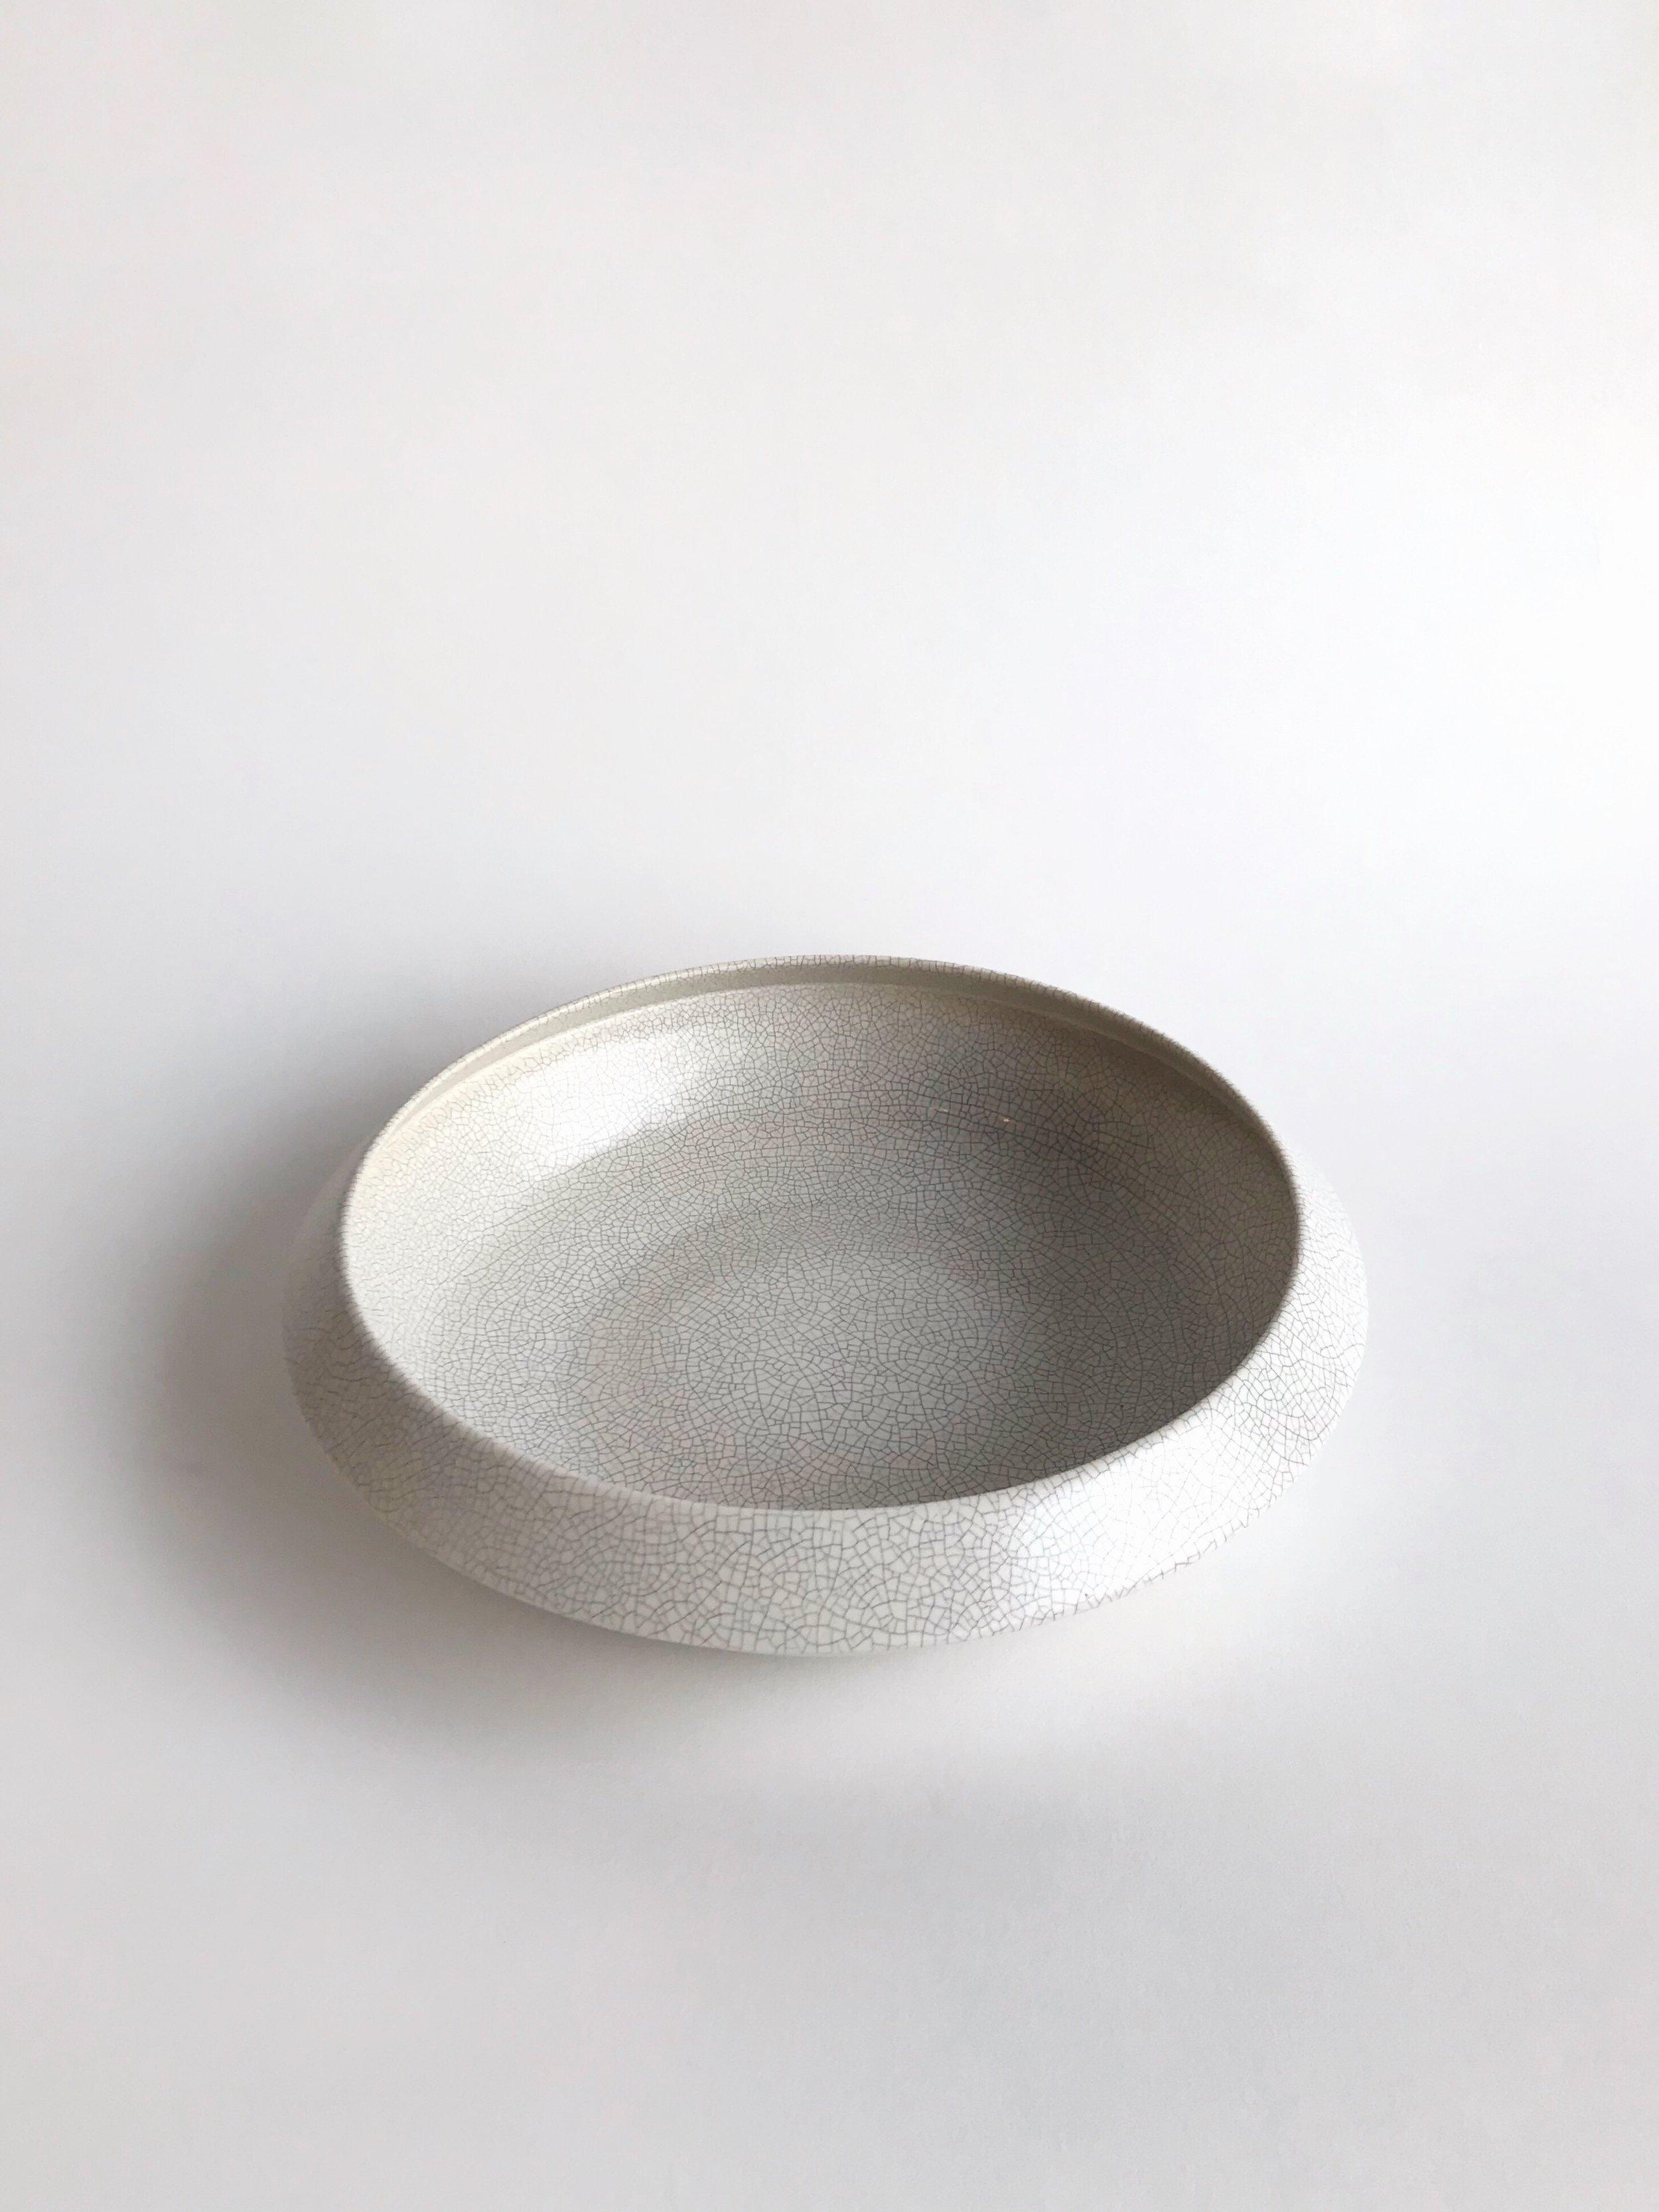 Sorrento white crackle 2.JPG